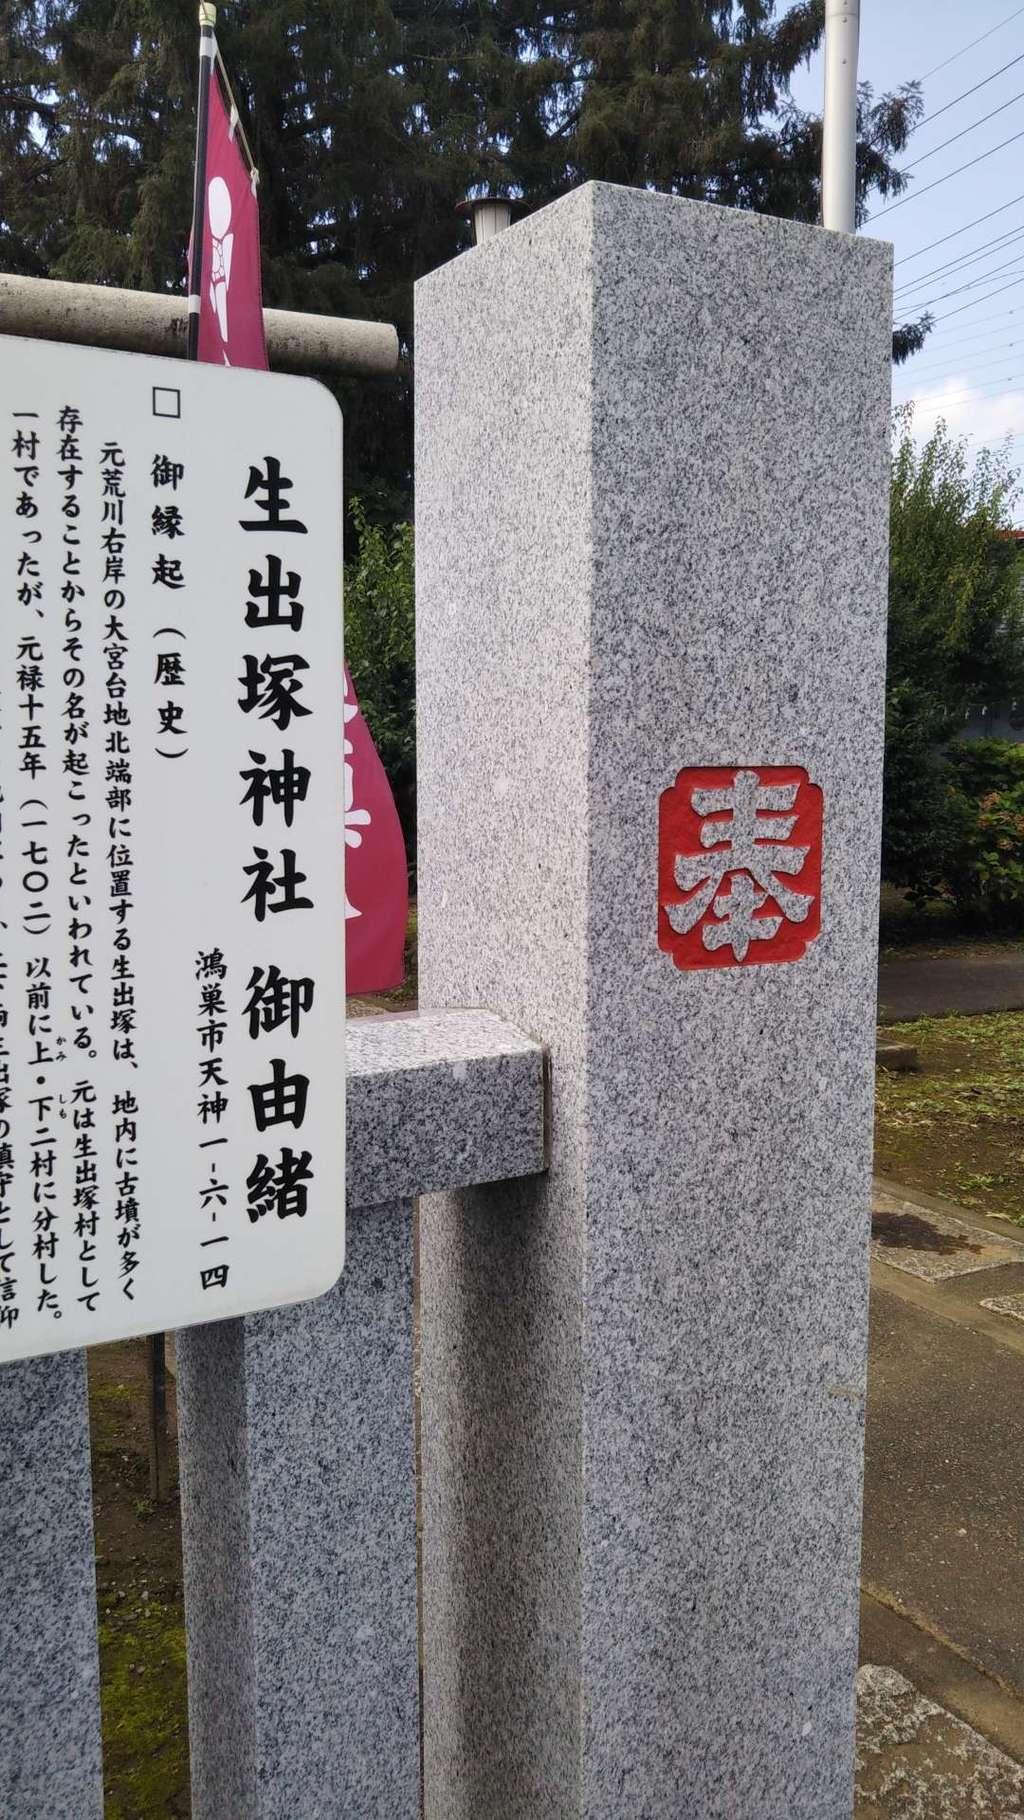 生出塚神社(埼玉県鴻巣駅)のアクセス・お参りの情報 |ホトカミ